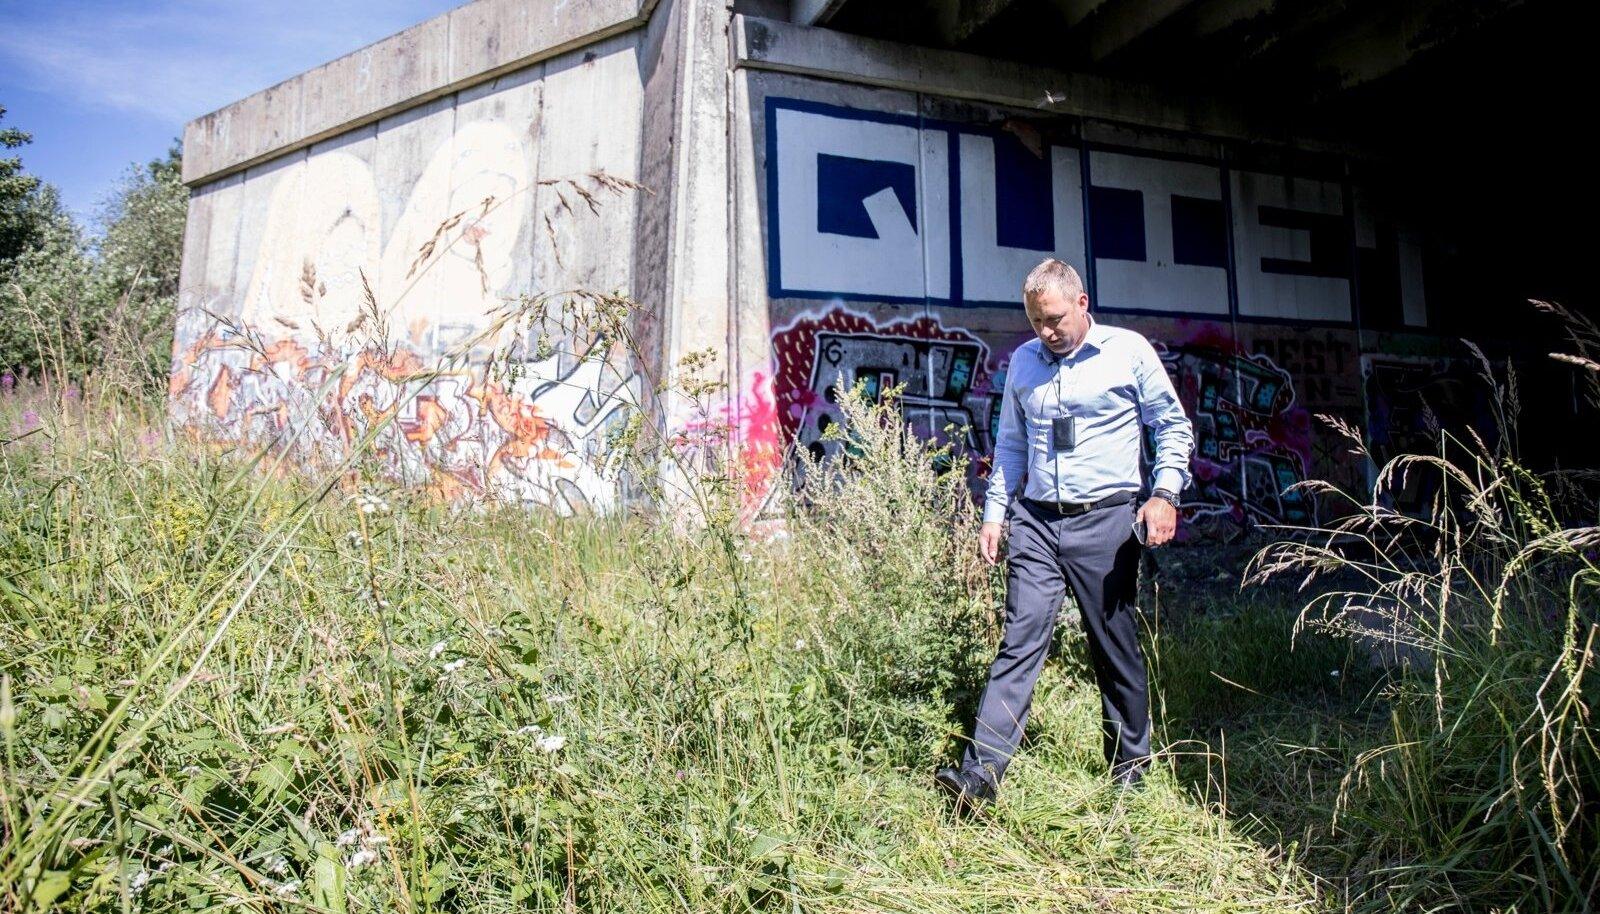 Urmet Tambre näitab, et Laagna tee lõpus asuva mahajäetud trammidepoo ümber kõrgub hein, mis varjab tunnelis toimuva täielikult.